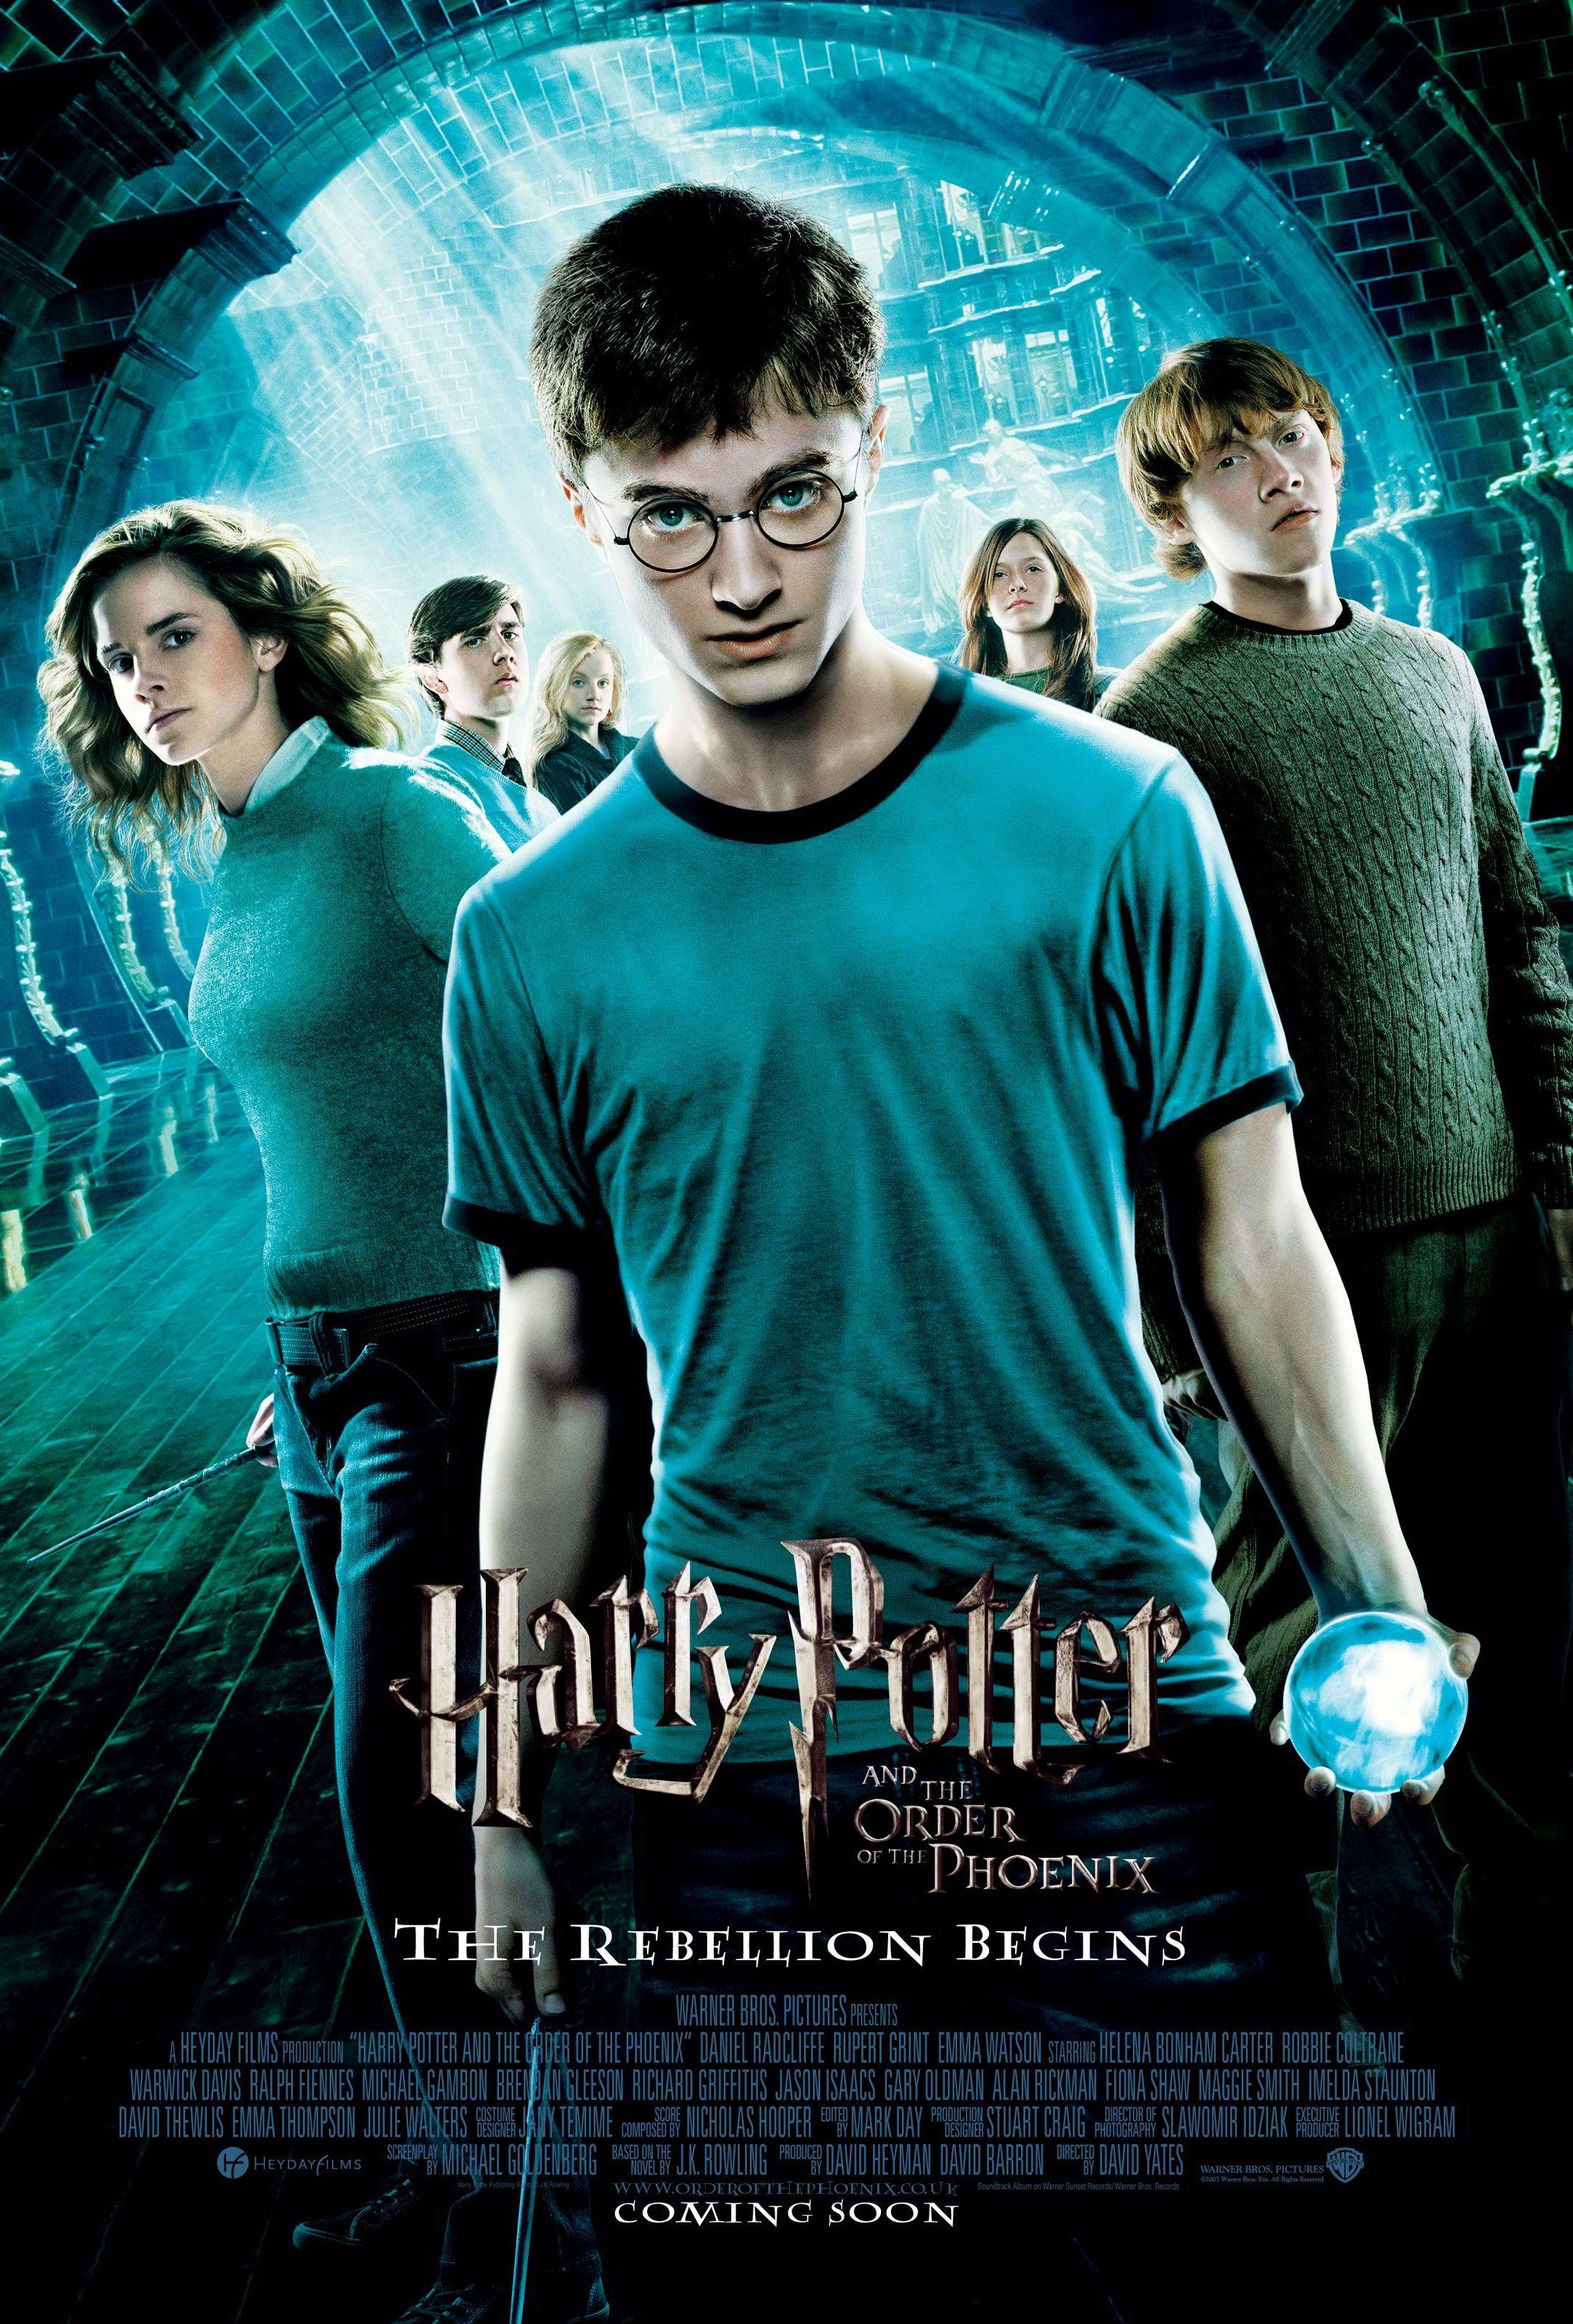 Regarder Harry Potter 5 : regarder, harry, potter, Épinglé, Emeline, Harry, Potter, Pictures, Film,, Films, Complets,, Regarder, Gratuit